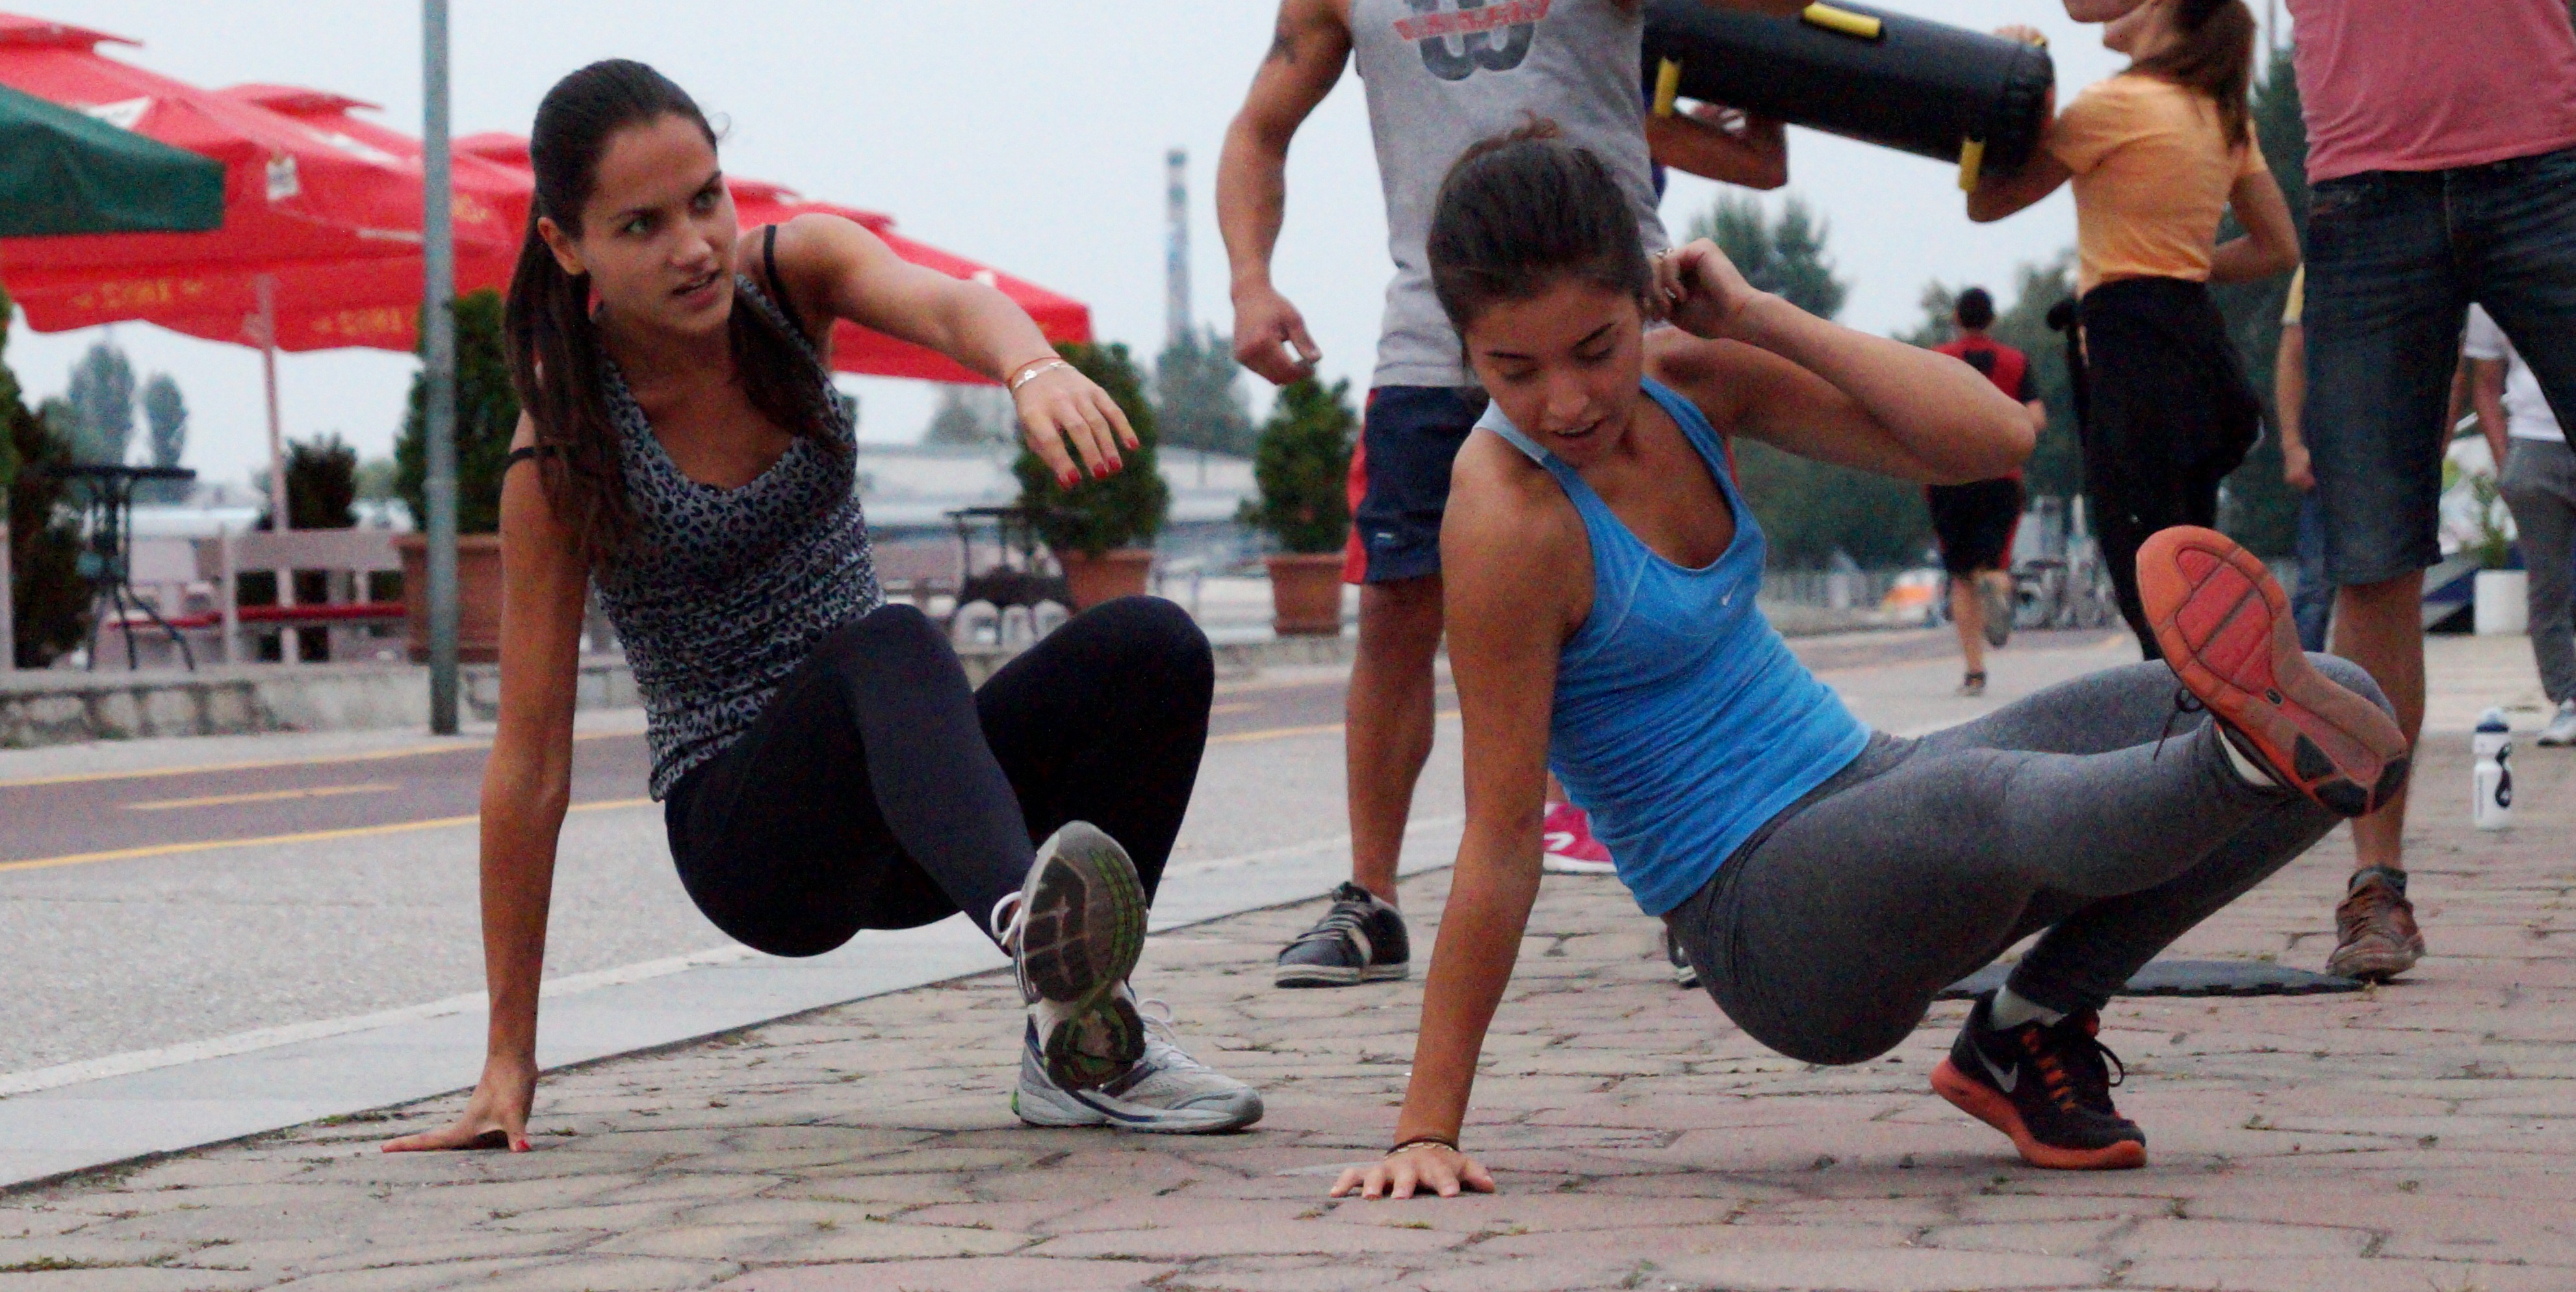 Физическата активност има ключово значение за подобряване на психичното здраве